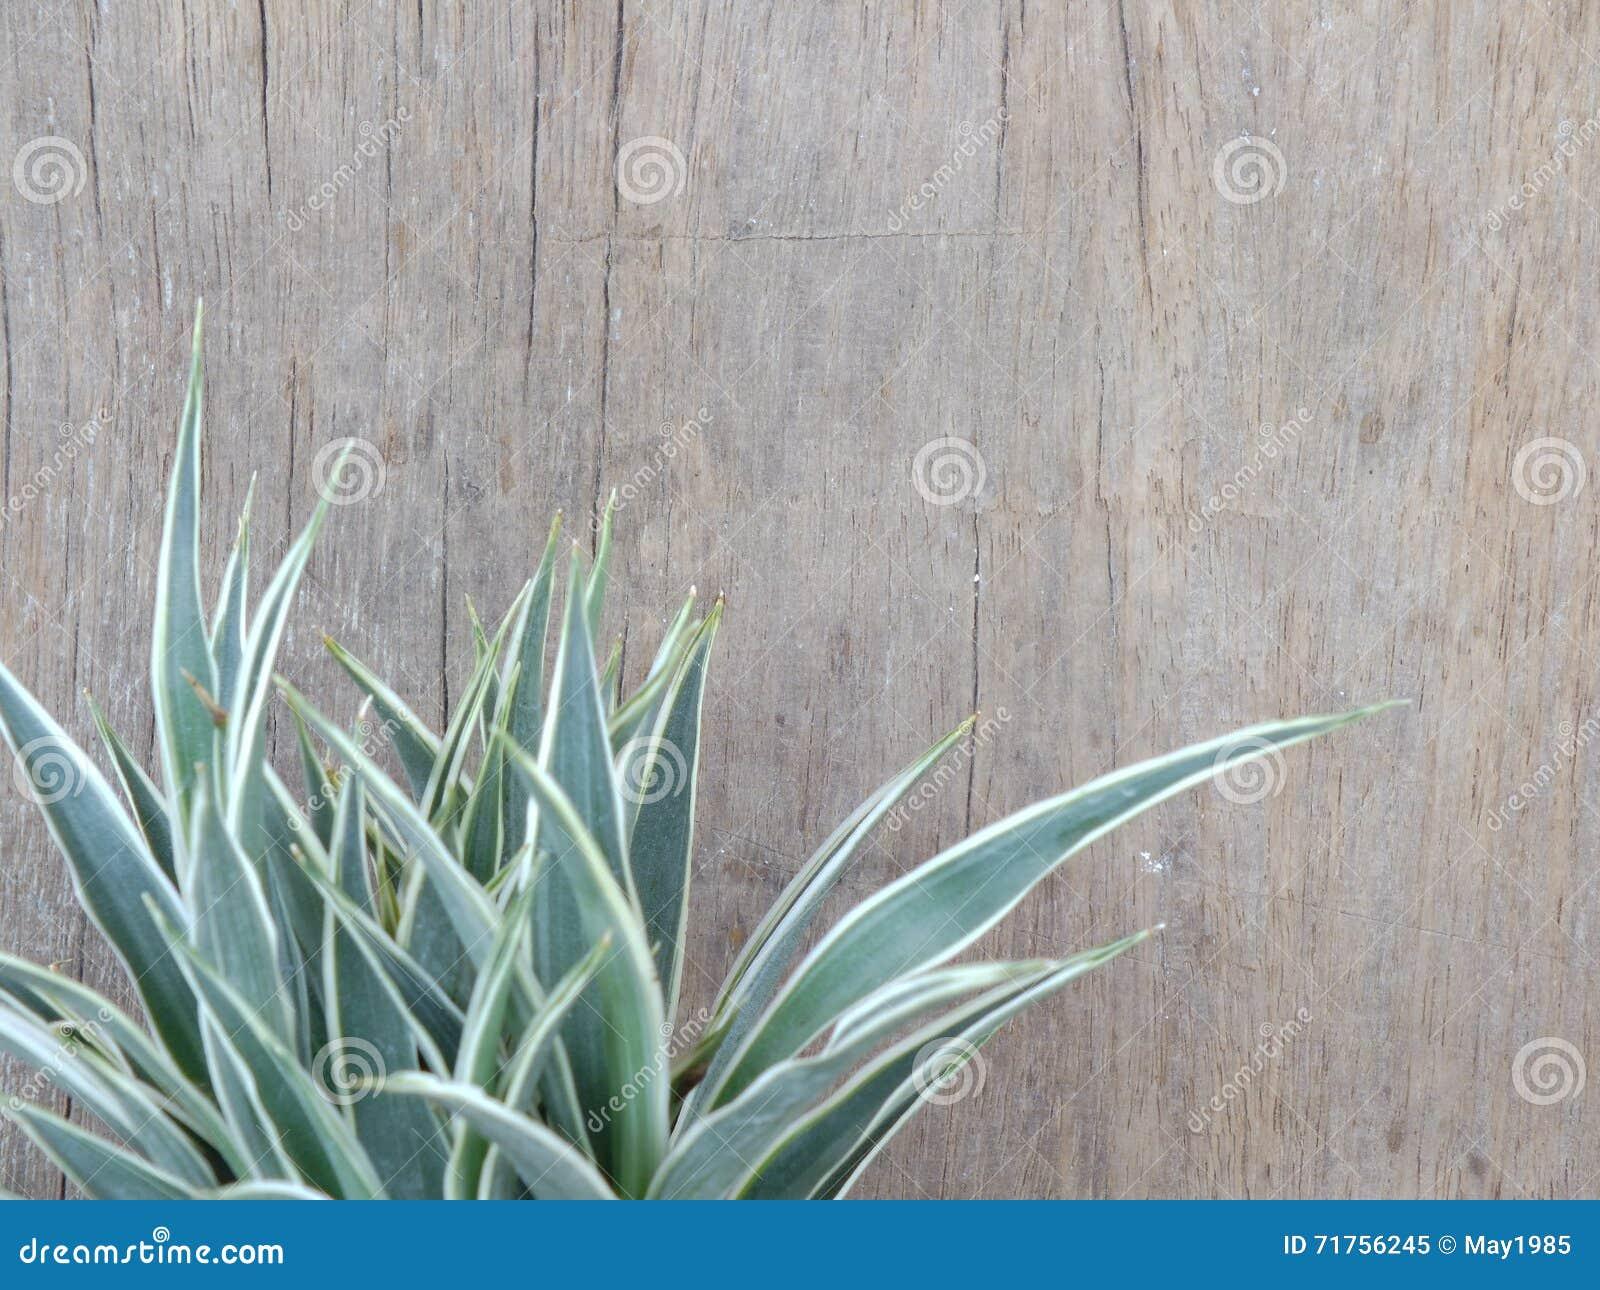 Ξύλινο υπόβαθρο με το πράσινο φυτό σπιτιών φύλλων